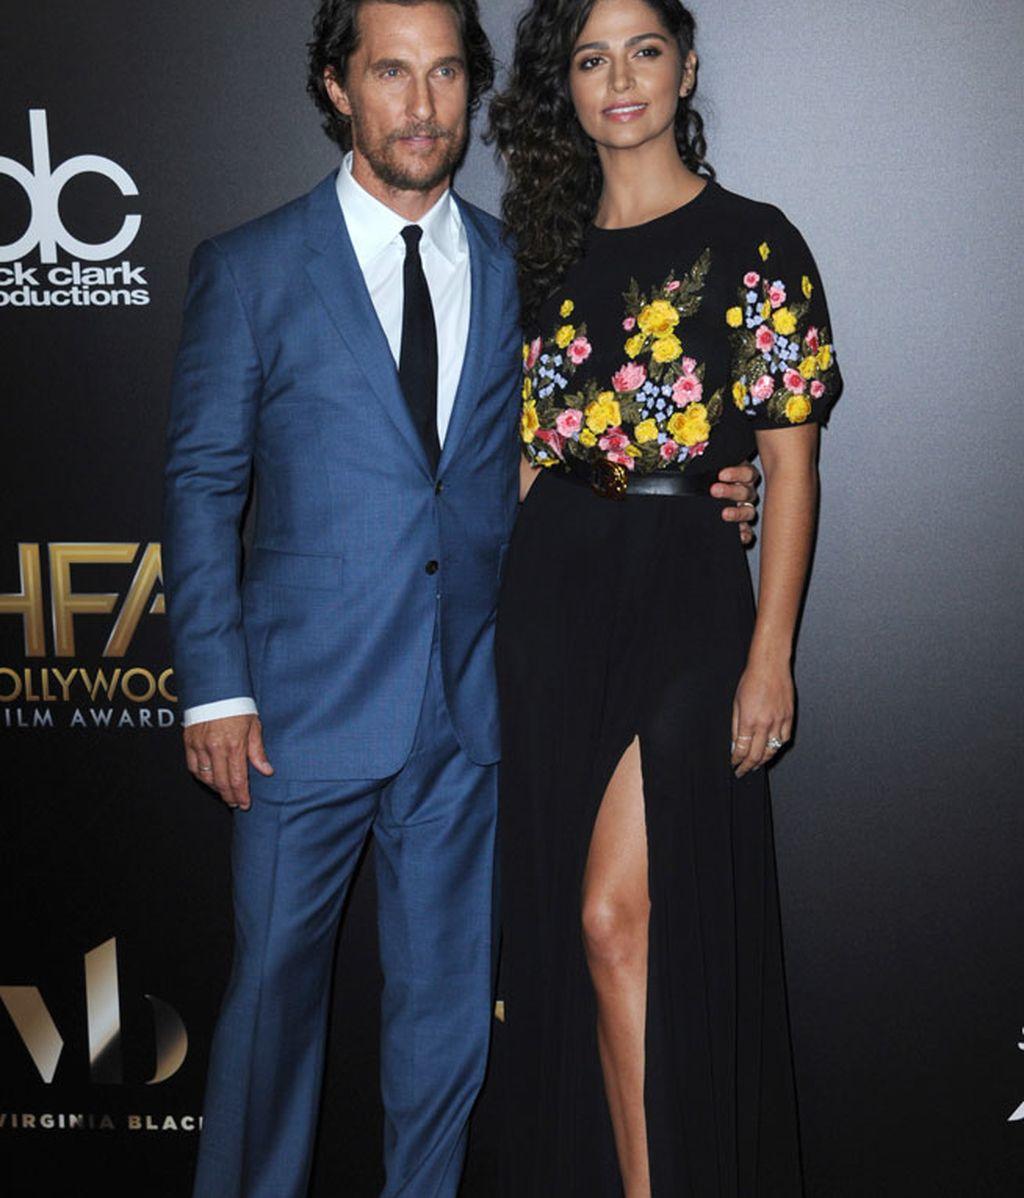 Matthew Mcconaughey con su chica Camila Alves, que también apostó por las flores